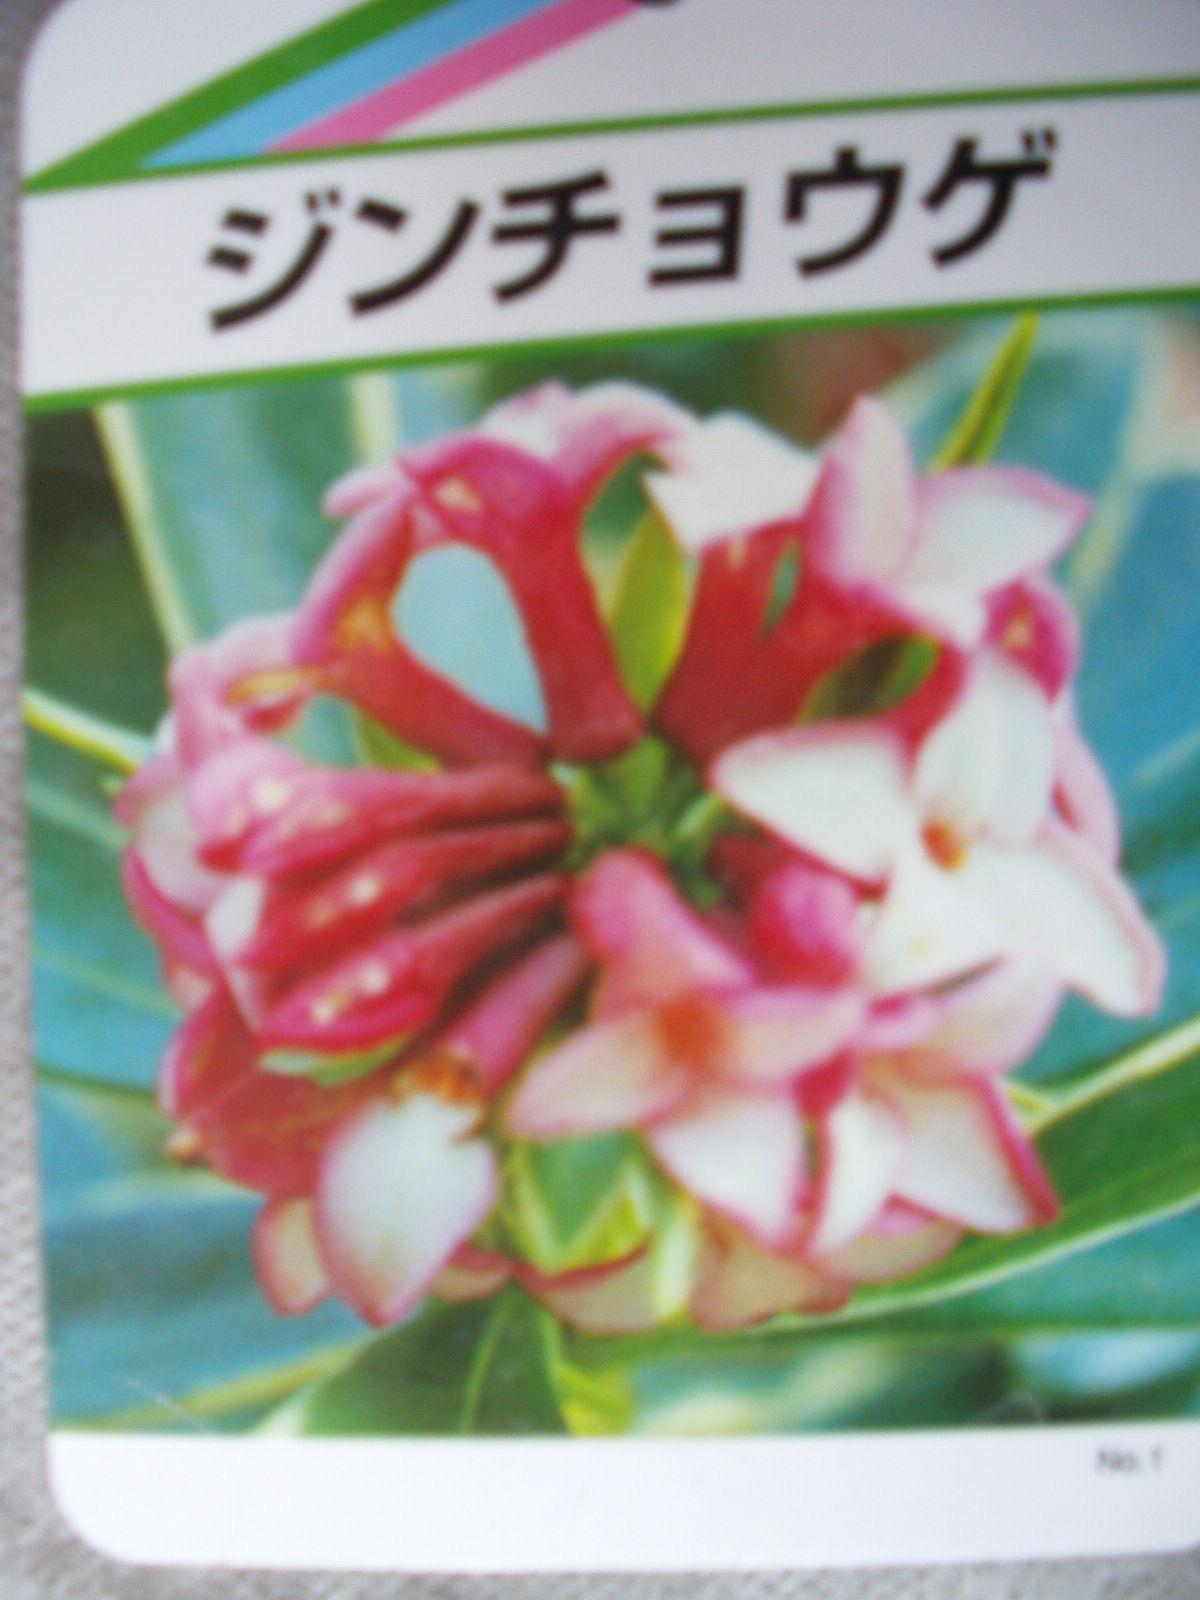 ジンチョウゲ 苗木